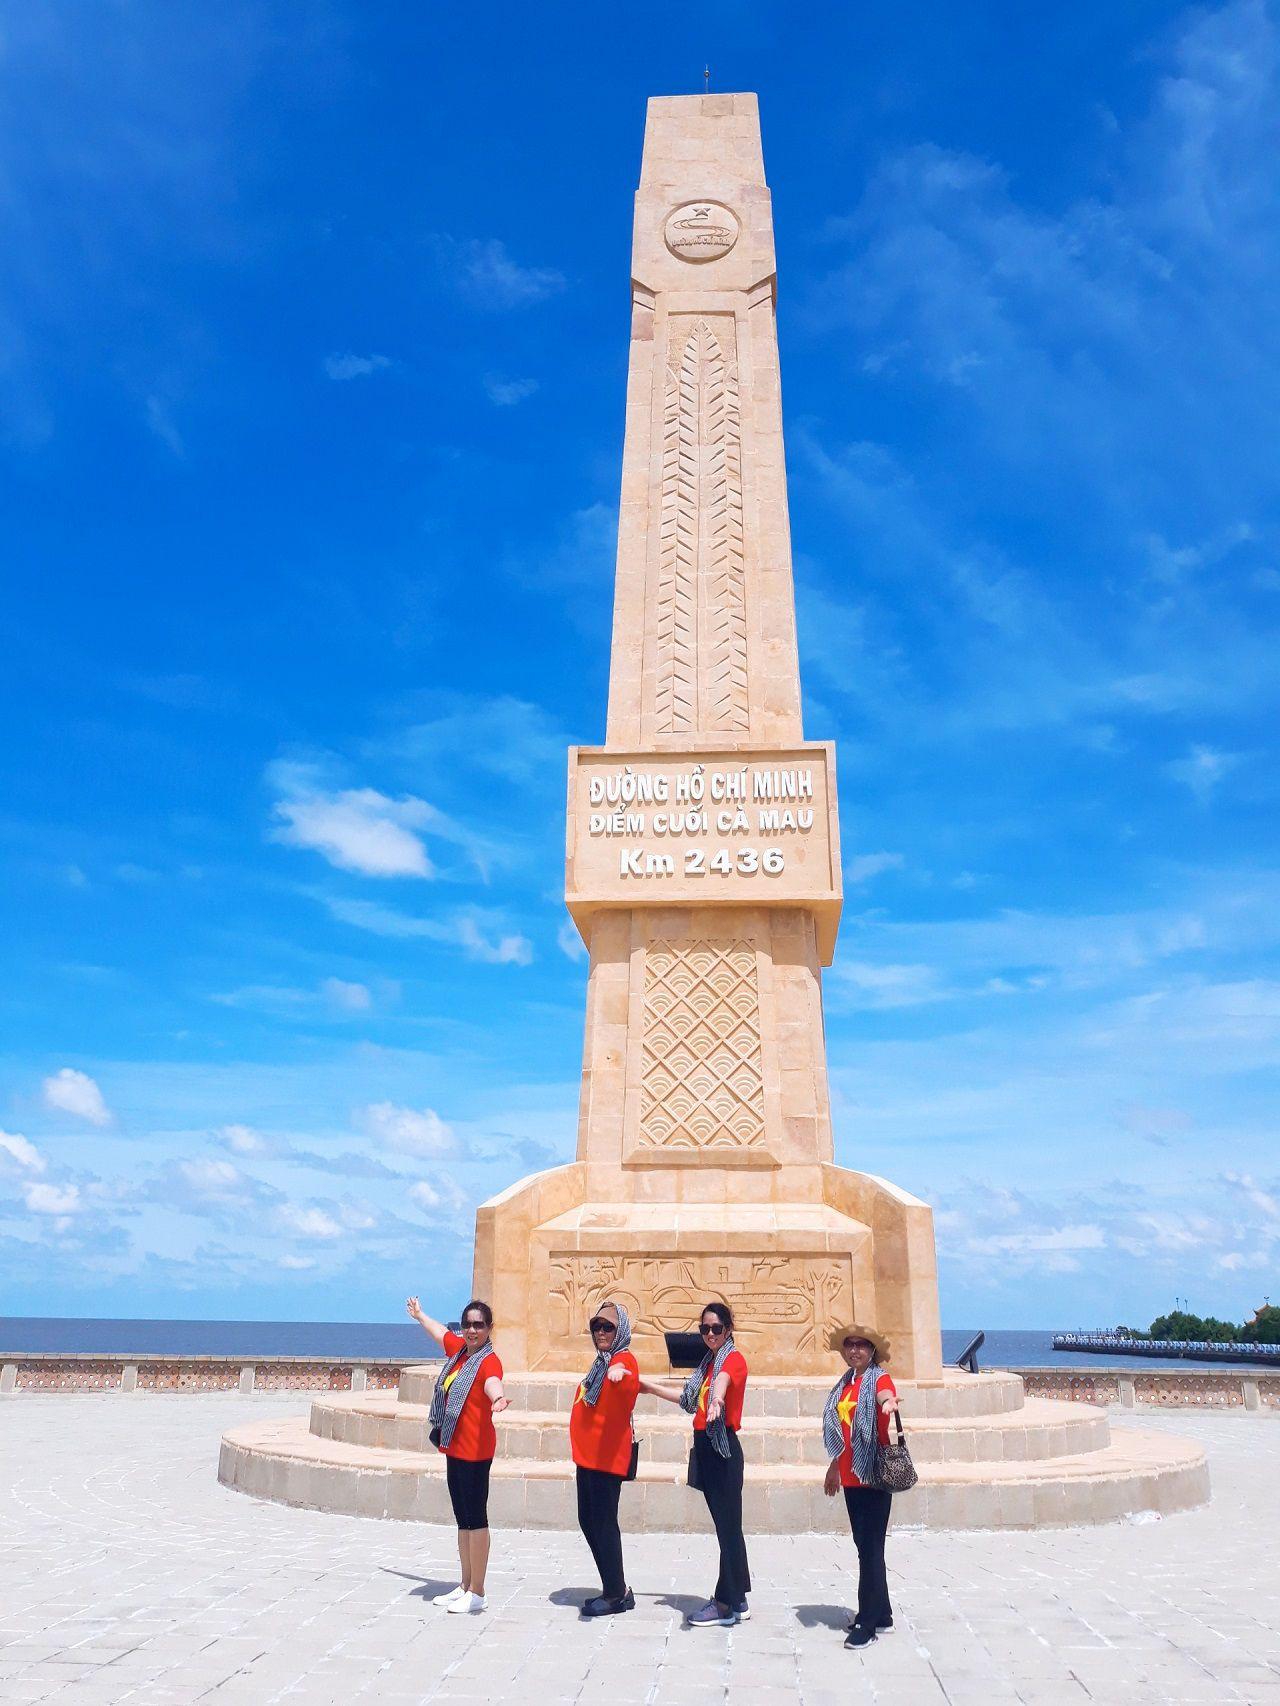 Điểm cuối đường Hồ Chí Minh KM 2436 - tour Cà Mau 1 ngày